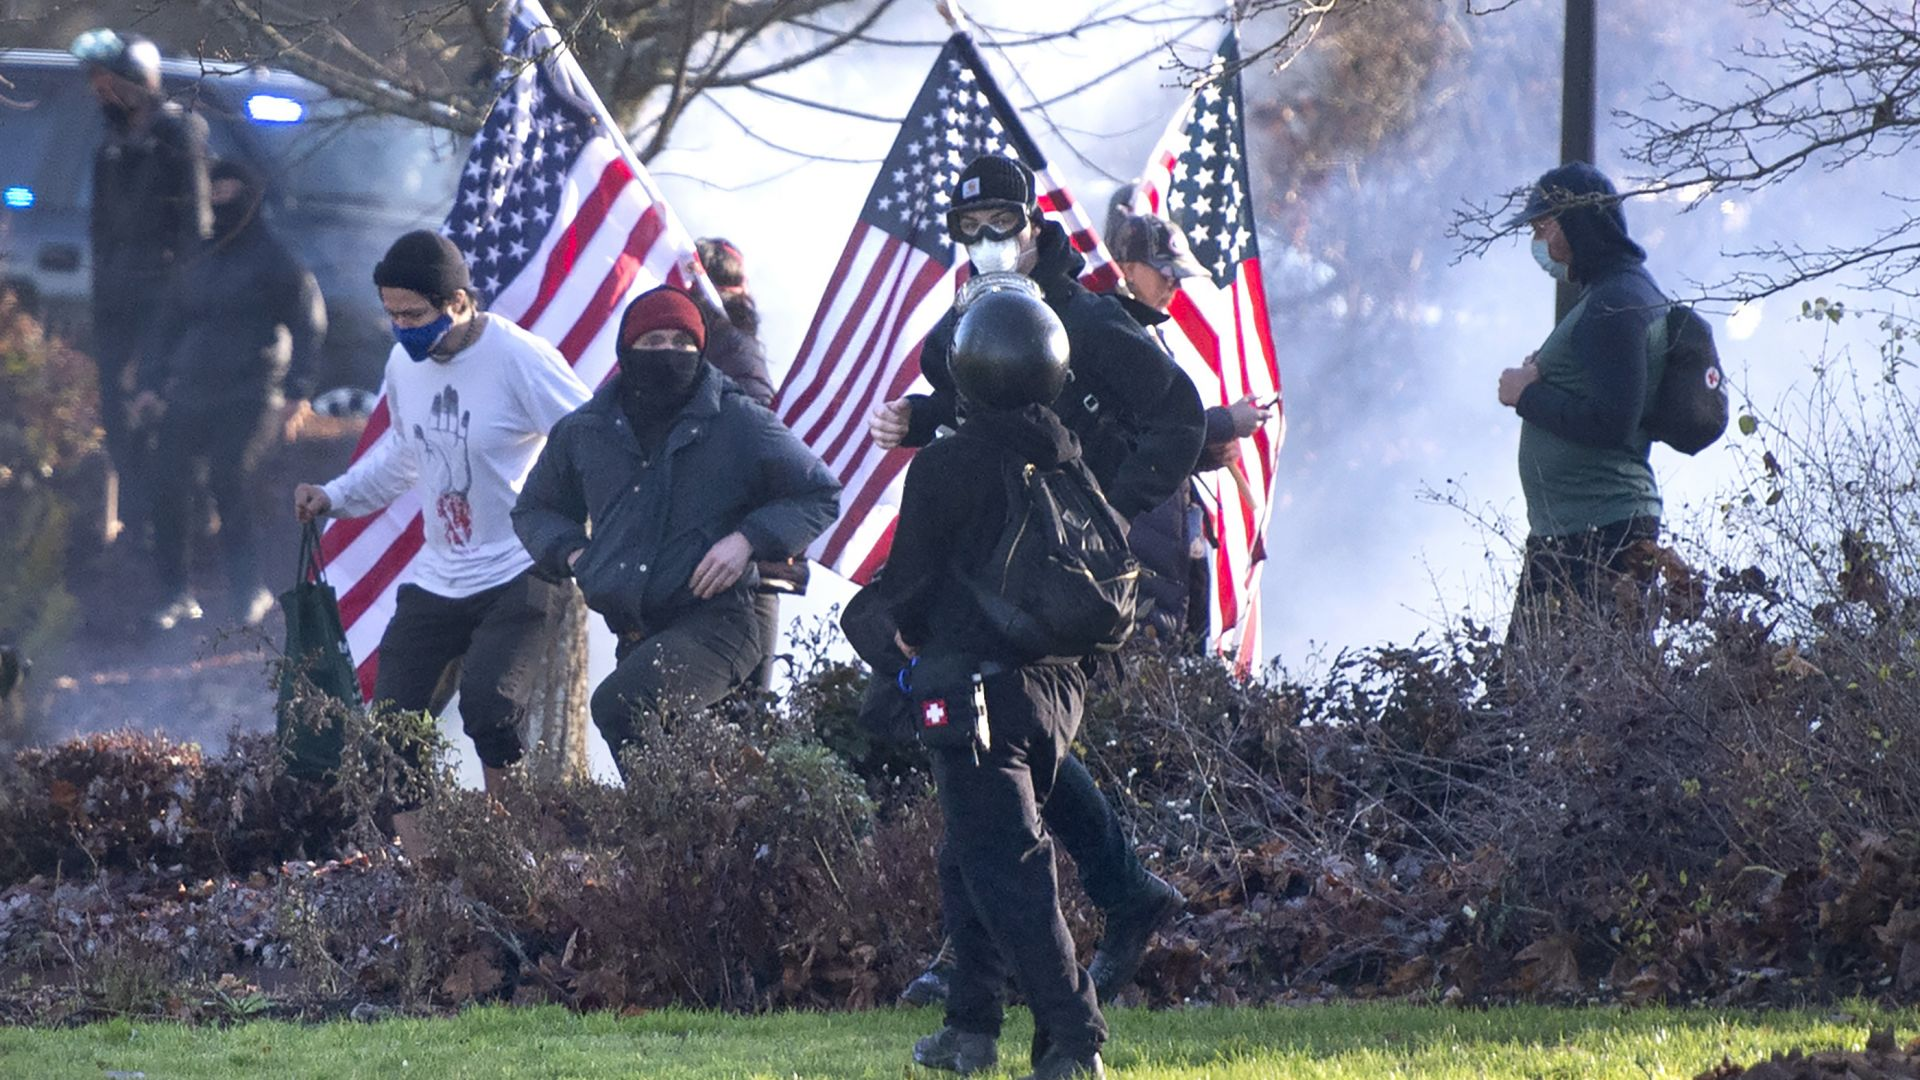 Поддръжници на Тръмп протестираха в САЩ, стигна се до насилие (снимка)